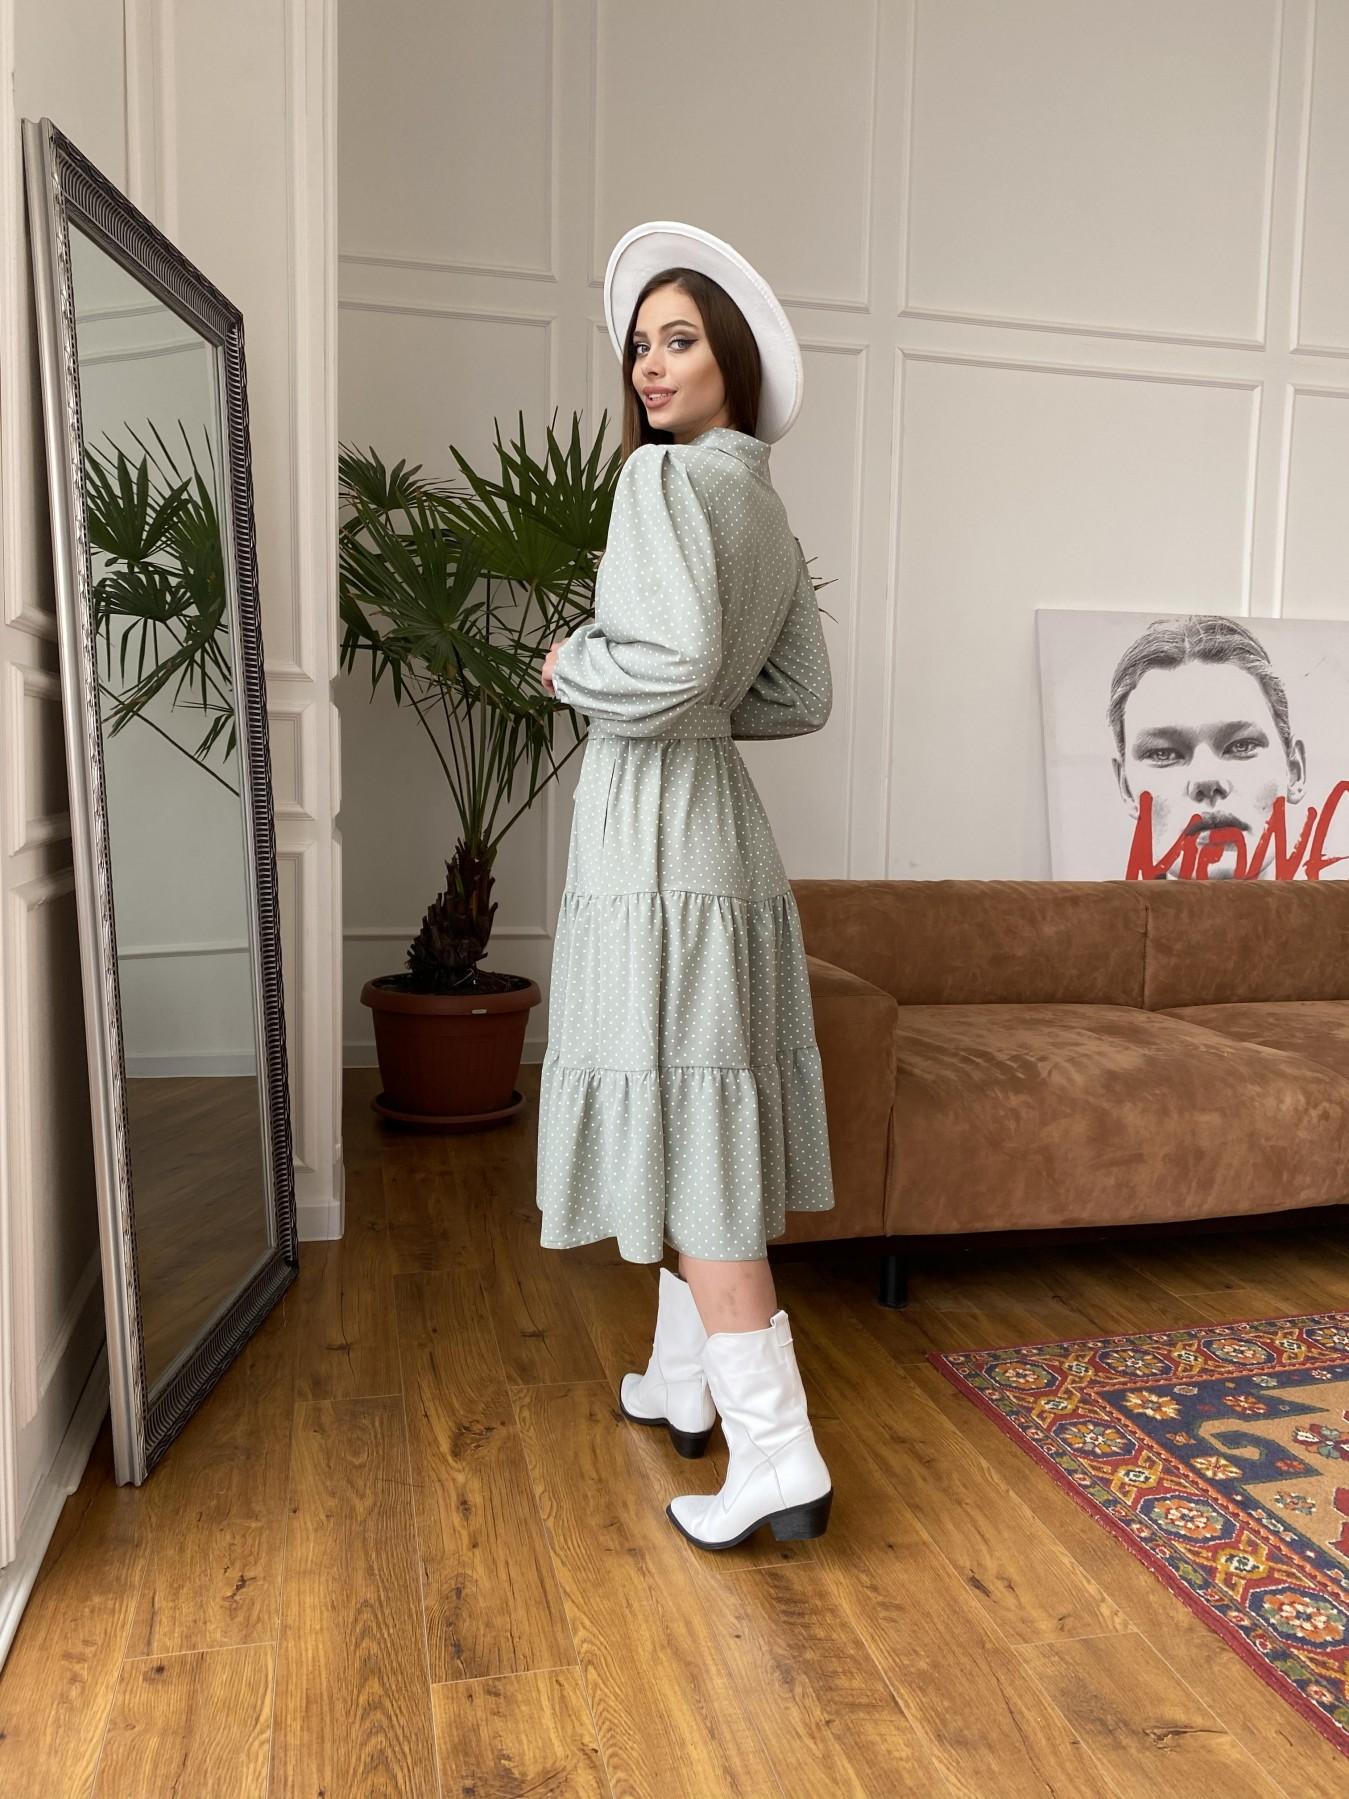 Лилия платье из софта с принтом 11108 АРТ. 47589 Цвет: Олива/ГорохБелыйМелк - фото 5, интернет магазин tm-modus.ru